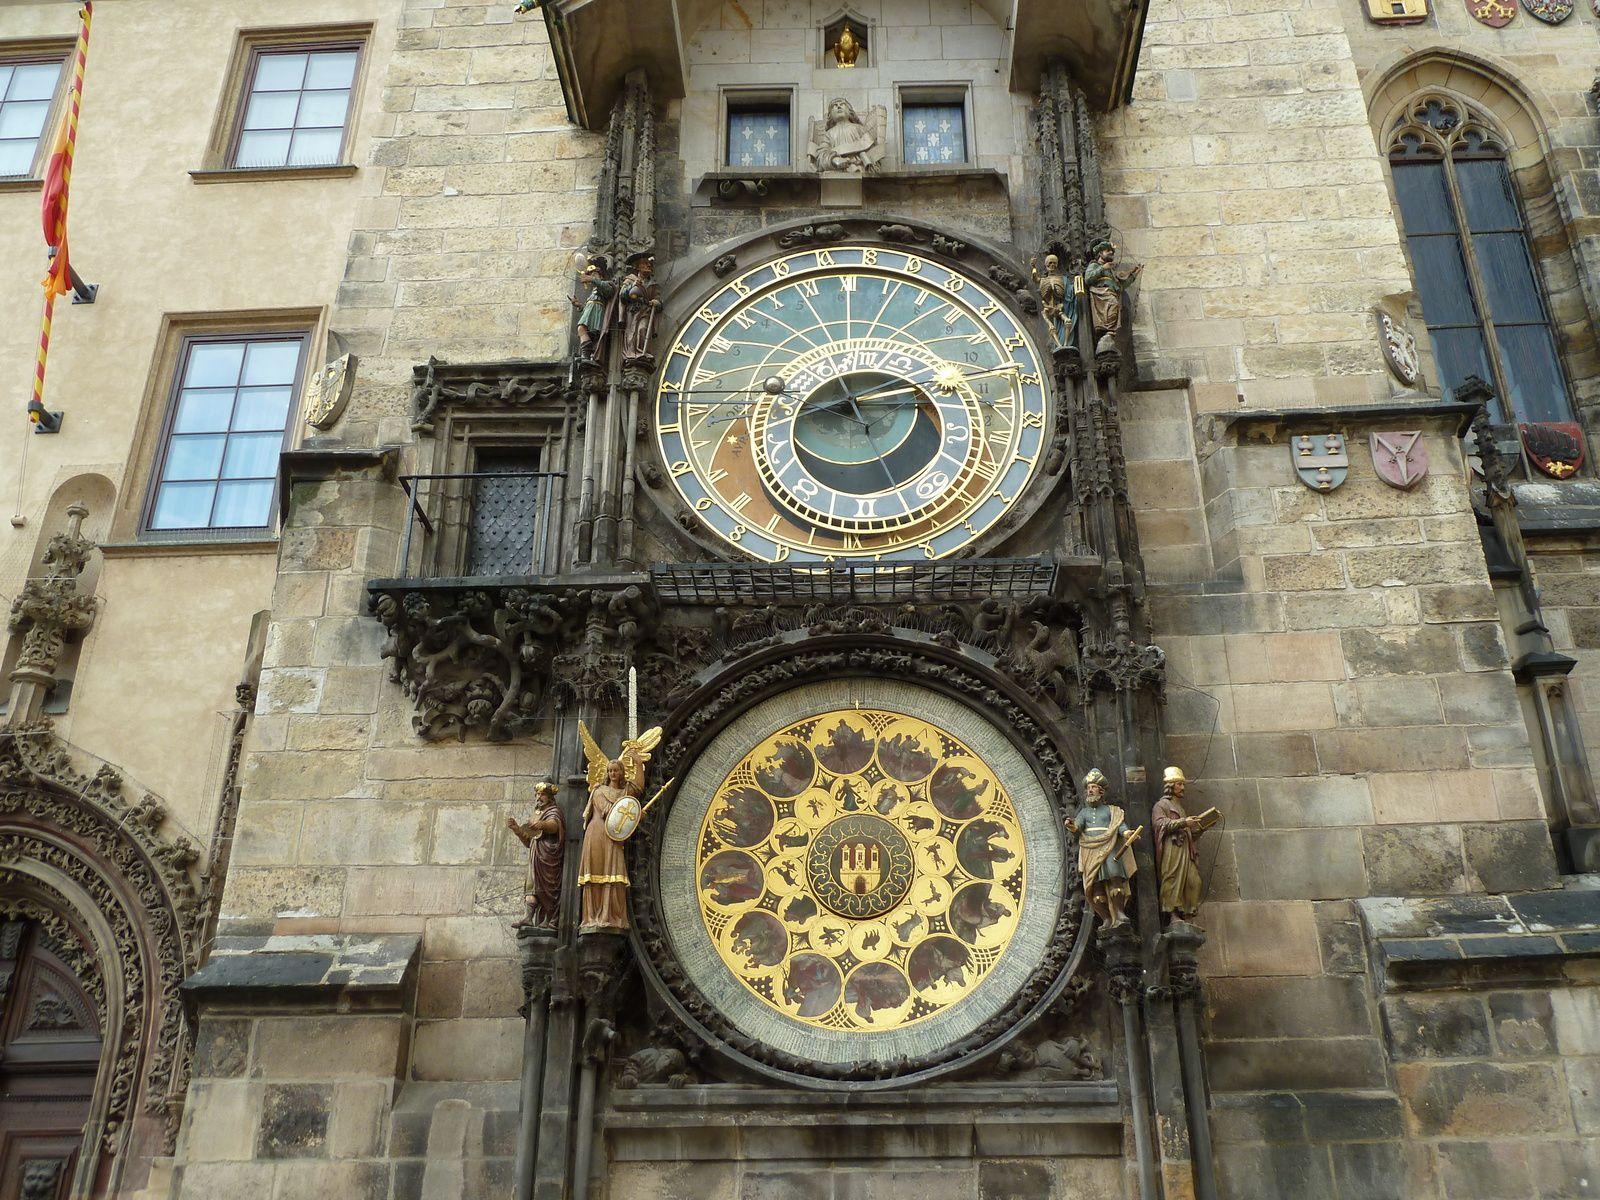 La tour de la place mesure 69,5 mètres de hauteur et offre une magnifique vue sur Prague depuis sa galerie panoramique. Elle fut ajoutée en 1364 à ce qui était la demeure privée de Volfin de Kamen. Elle intègre une horloge astronomique, construite en 1490 par Hanus, dont les personnages s'animent au-dessus des signes du zodiaque situés dans la partie supérieure. Le bas de l'horloge est constitué d'un calendrier.